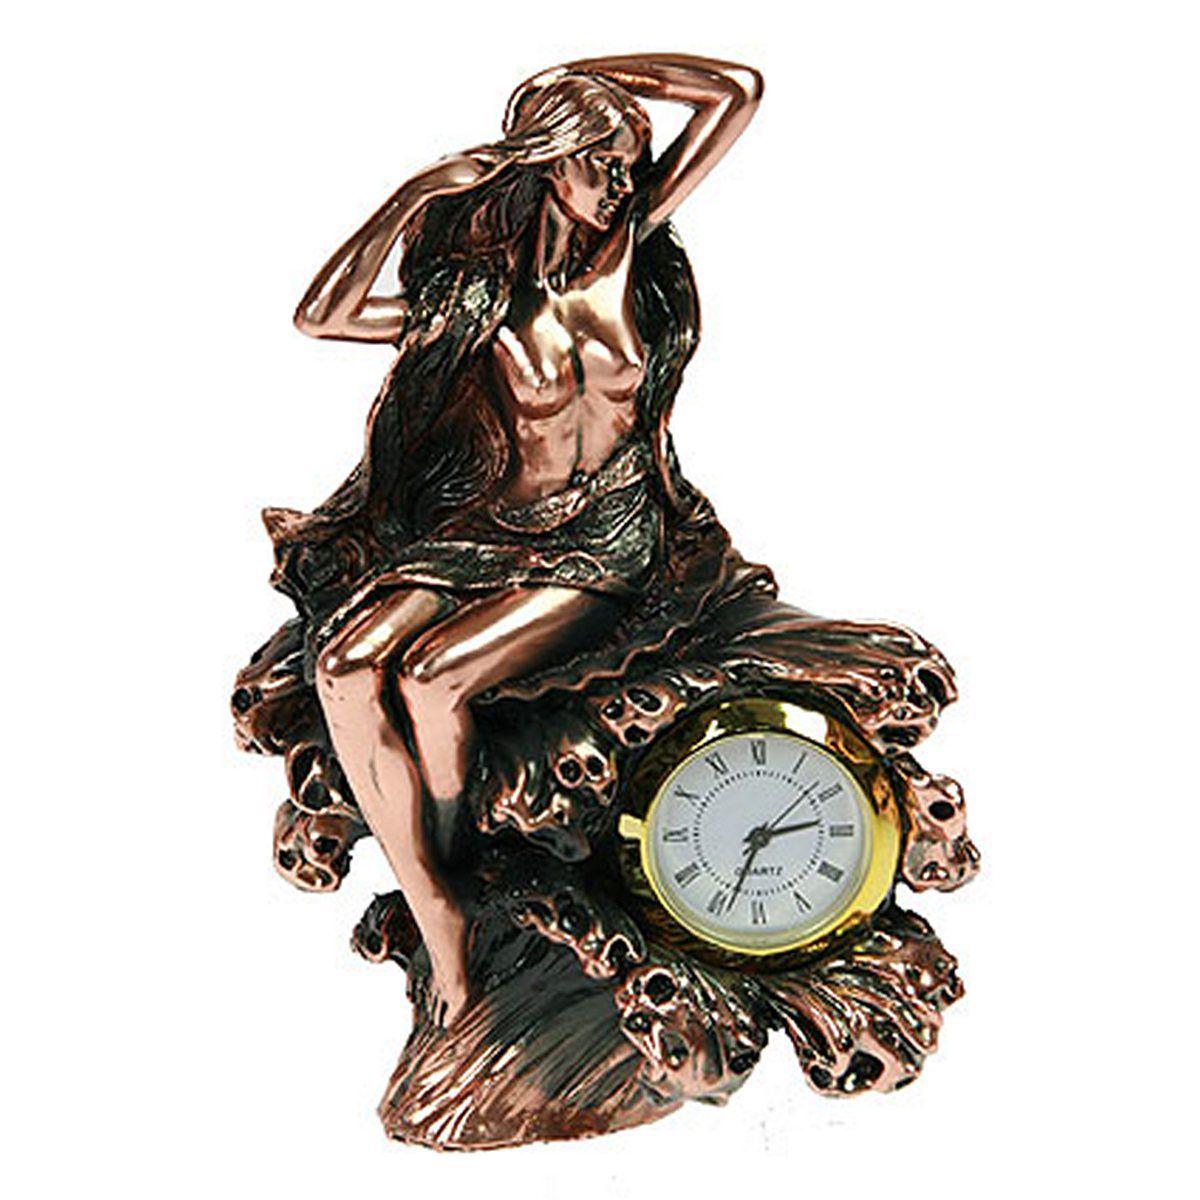 Часы настольные Русские Подарки Девушка. 127566127566Настольные кварцевые часы Русские Подарки Девушка изготовлены из полистоуна. Часы имеют три стрелки - часовую, минутную и секундную.Изящные часы красиво и оригинально оформят интерьер дома или рабочий стол в офисе. Также часы могут стать уникальным, полезным подарком для родственников, коллег, знакомых и близких.Часы работают от батареек типа АА (в комплект не входят).